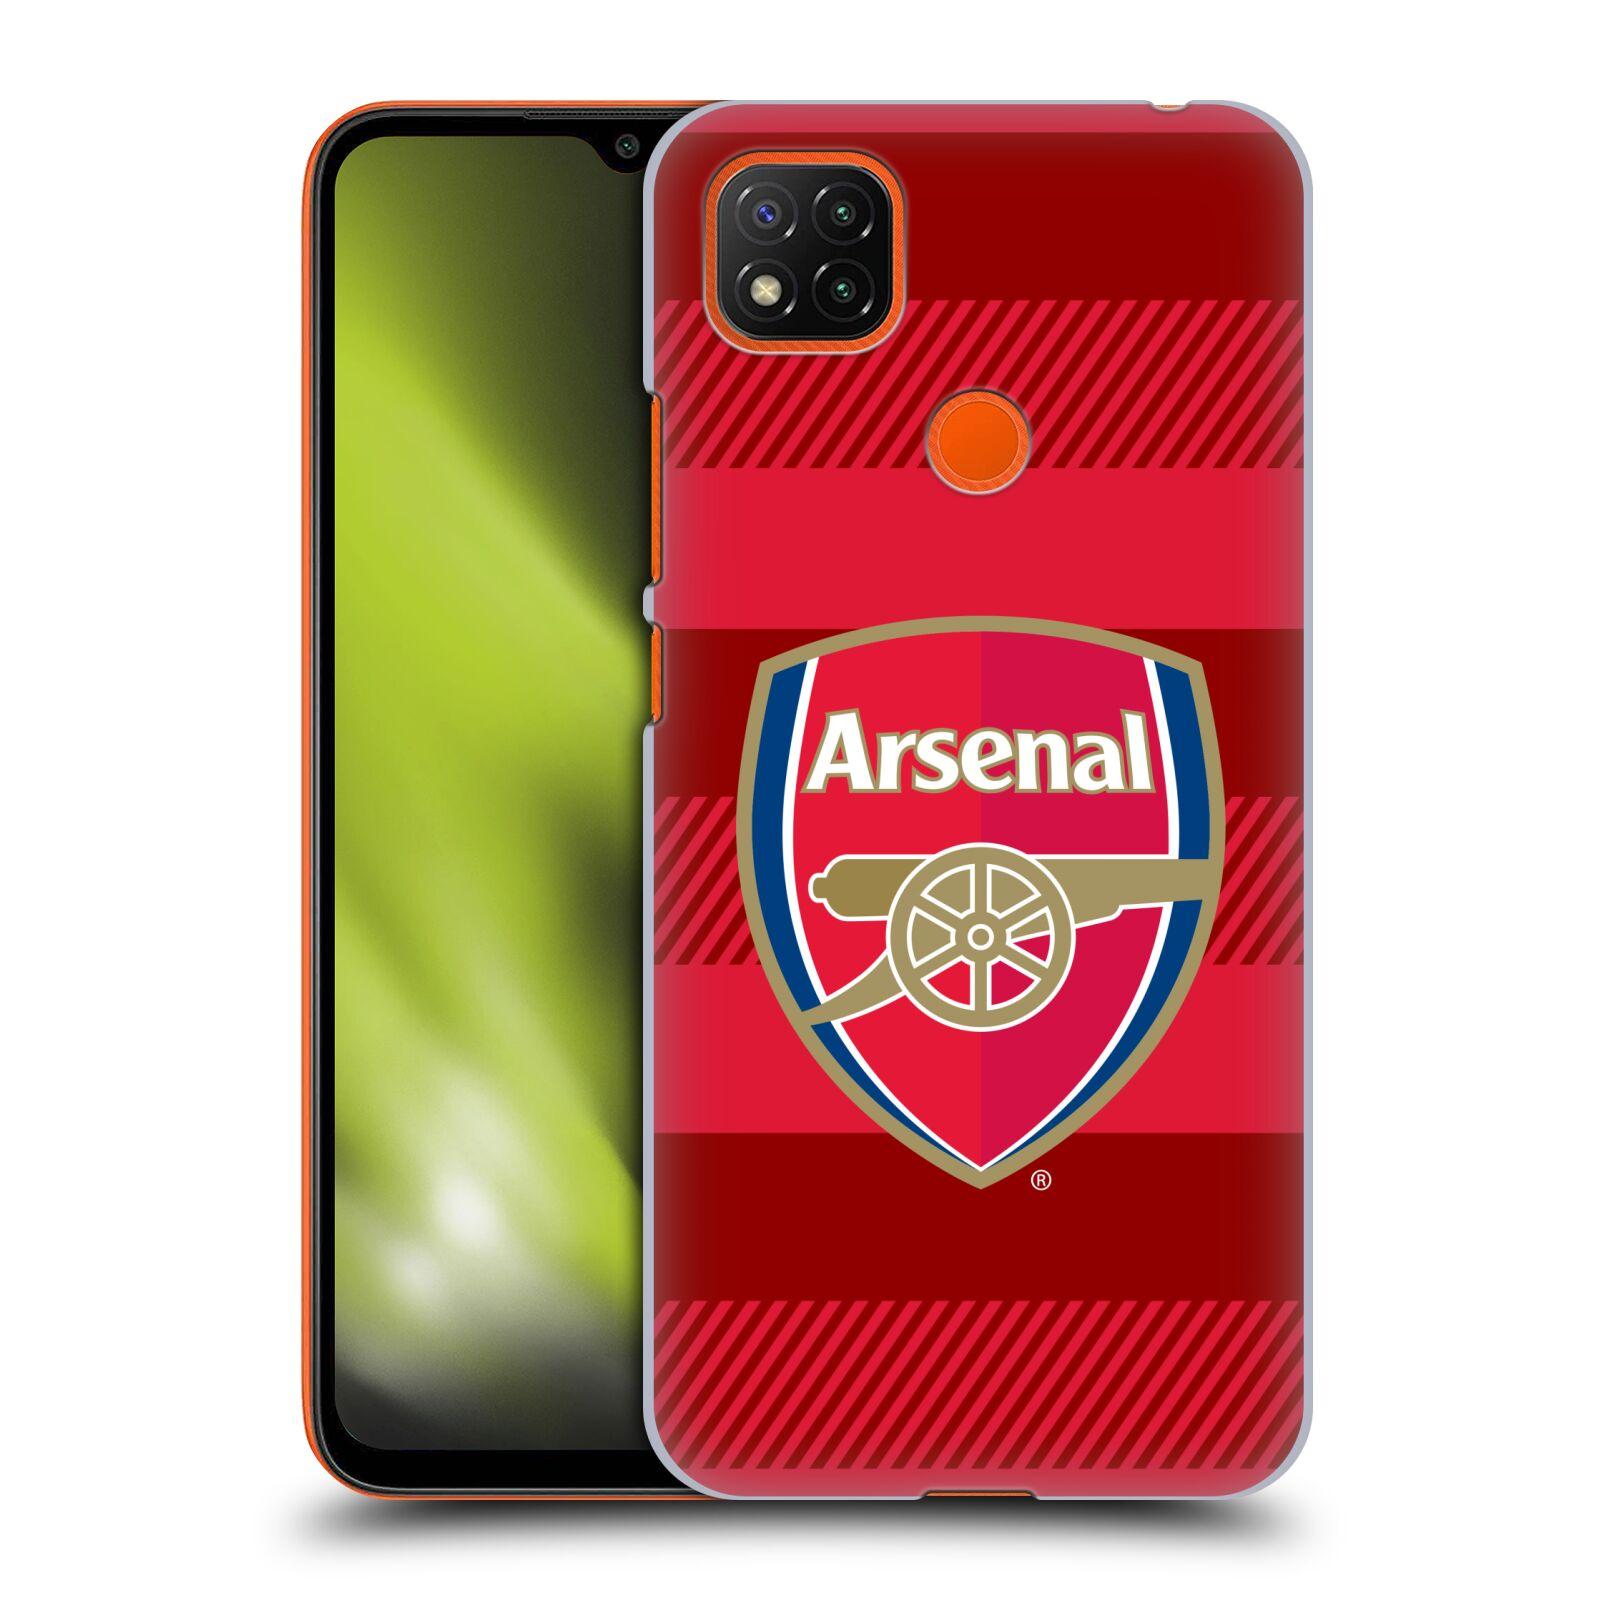 Plastové pouzdro na mobil Xiaomi Redmi 9C - Head Case - Arsenal FC - Logo s pruhy